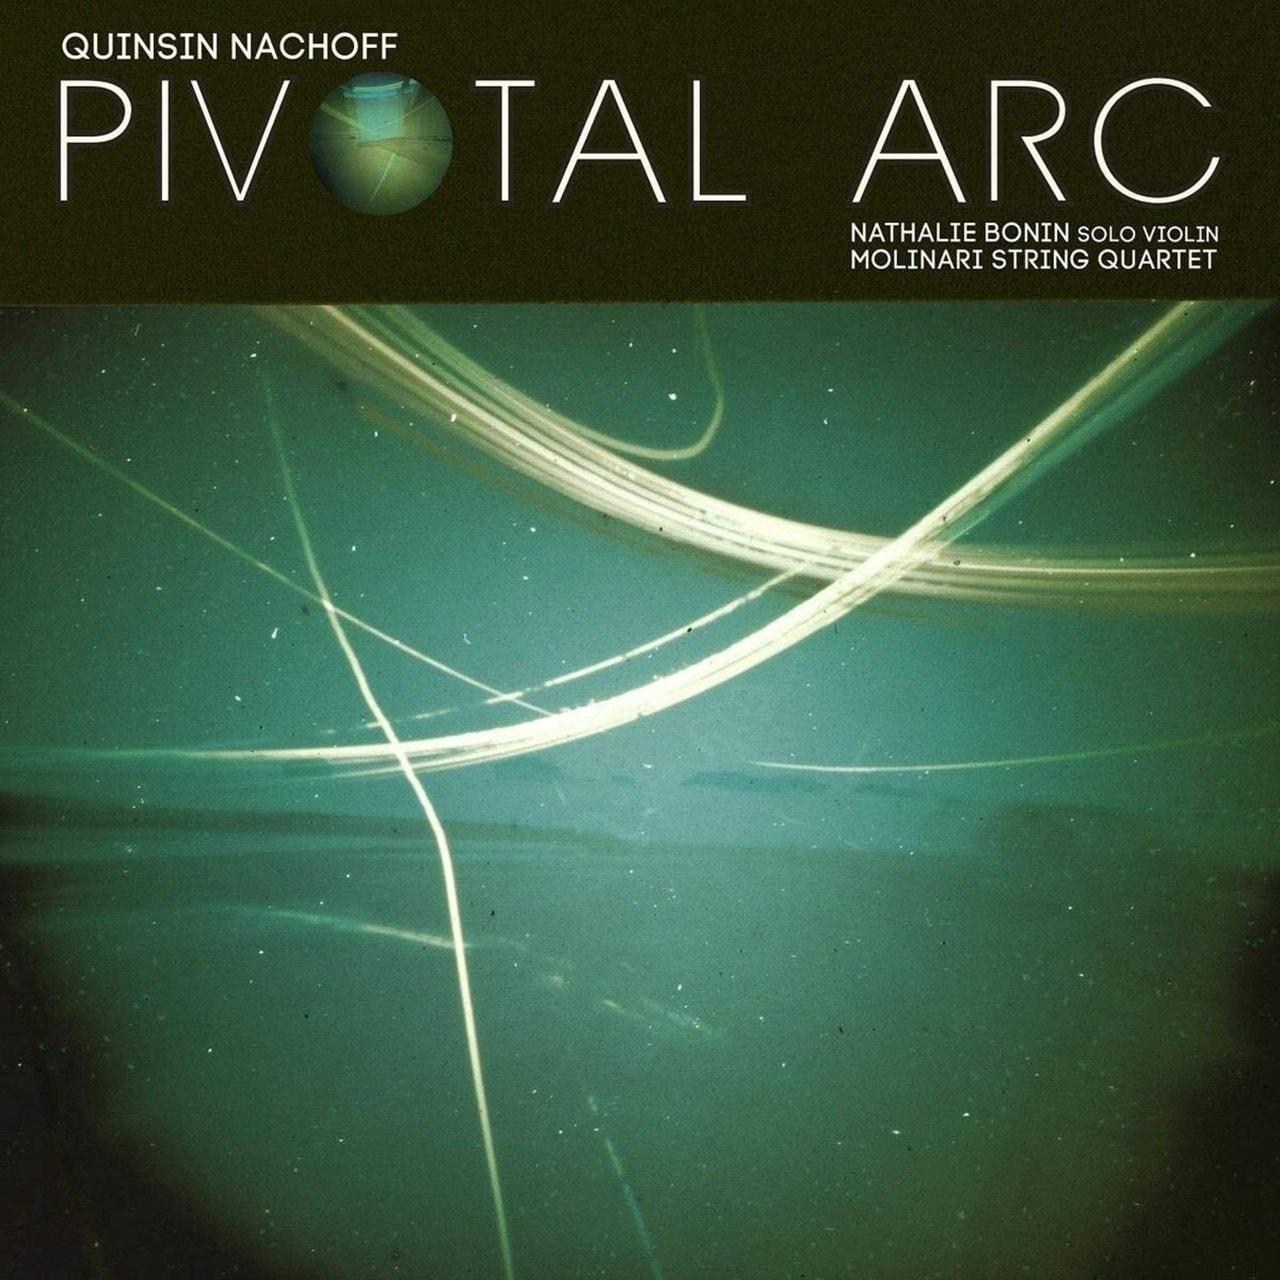 Pivotal Arc - 1